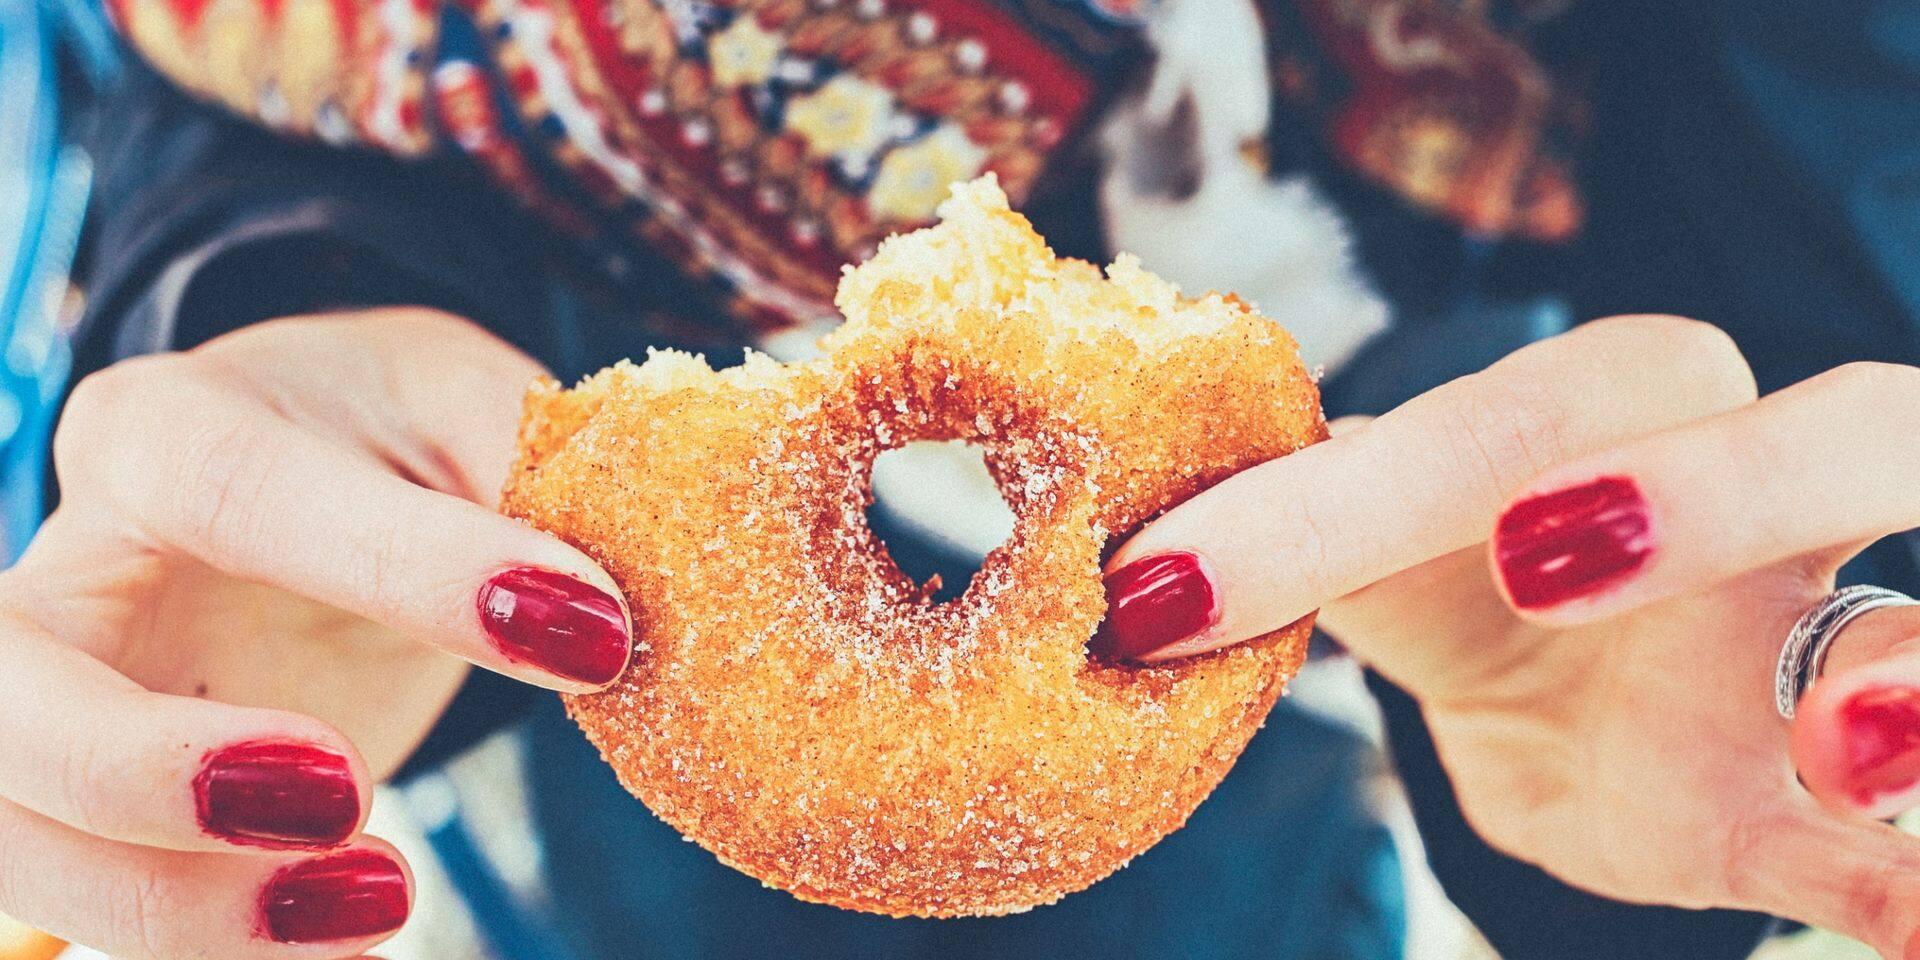 Fringale, craquage, crasses et chocolat : comment éviter de manger des sucreries l'après-midi